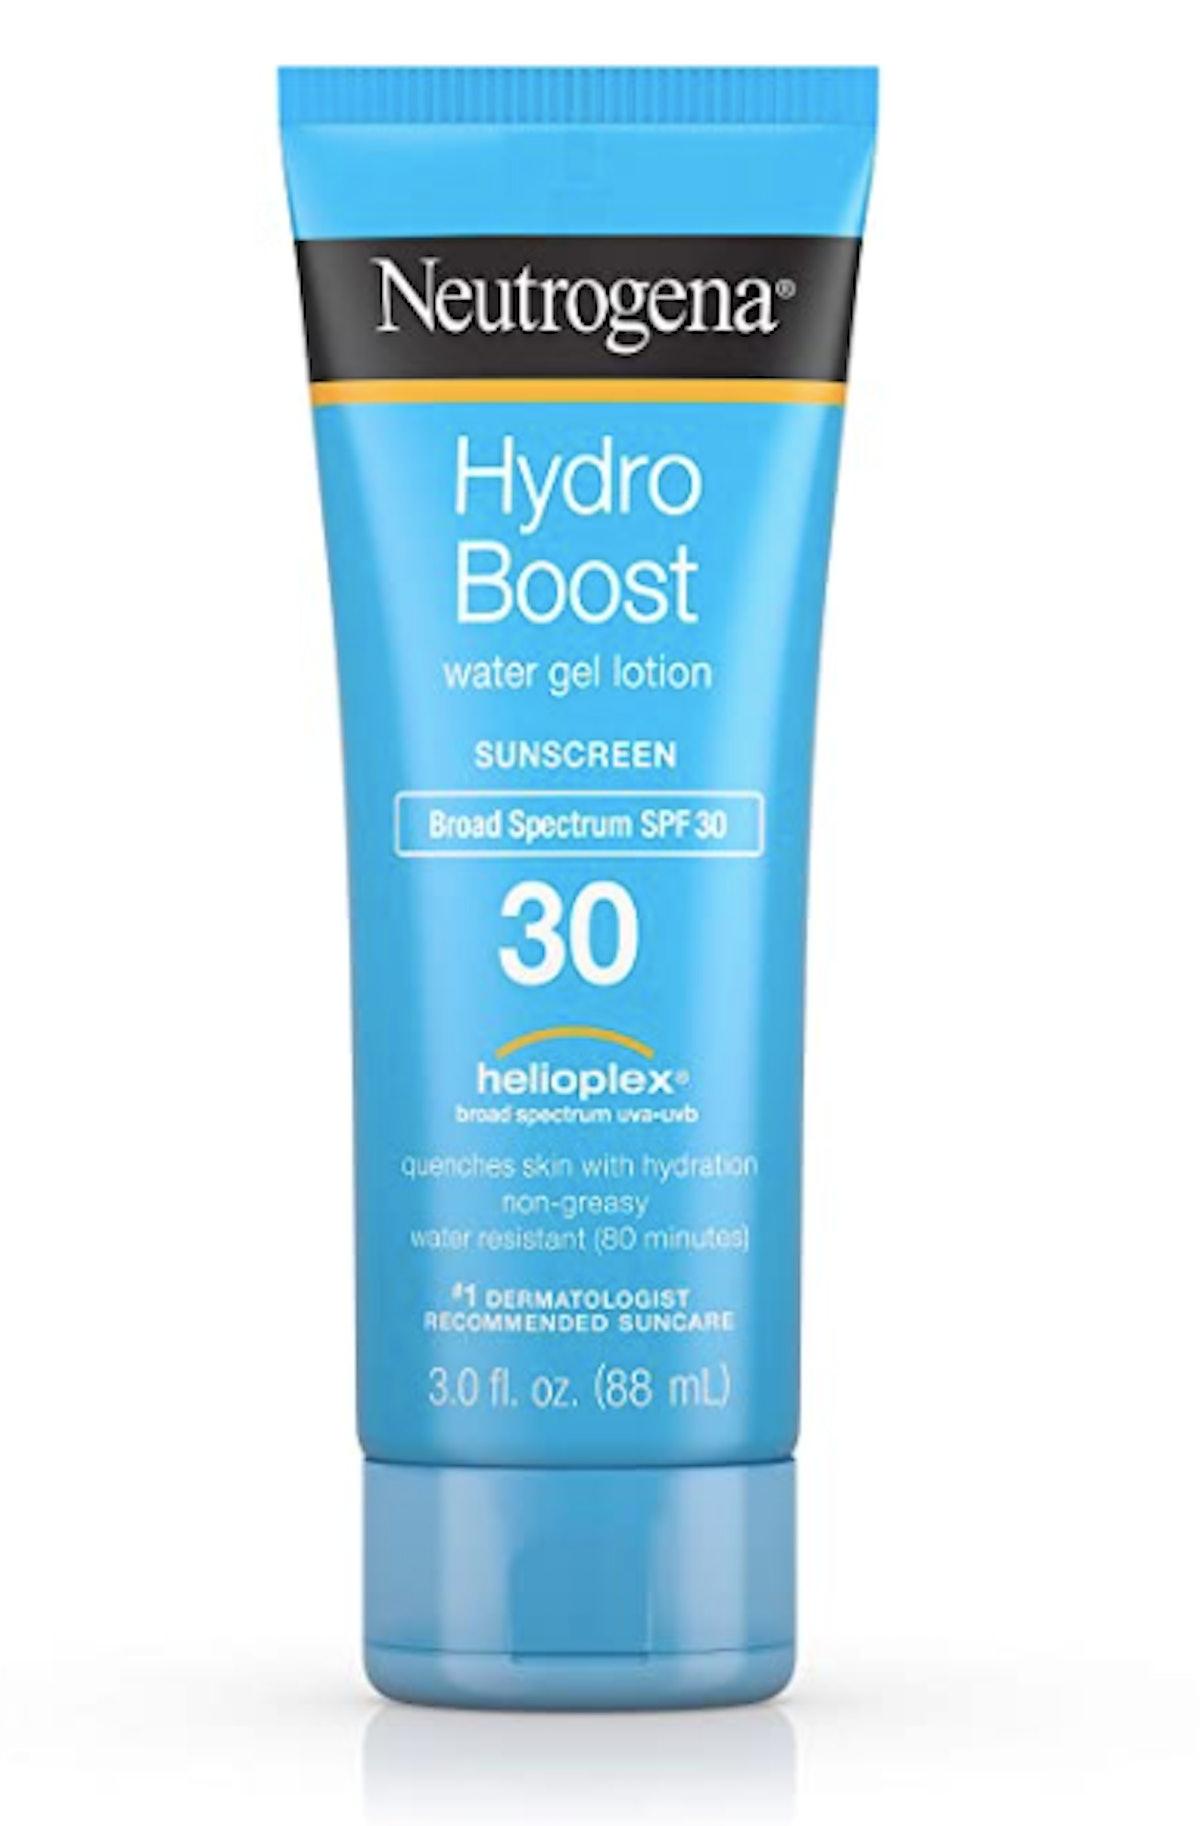 Neutrogena Hydro Boost Water Gel Lotion Sunscreen